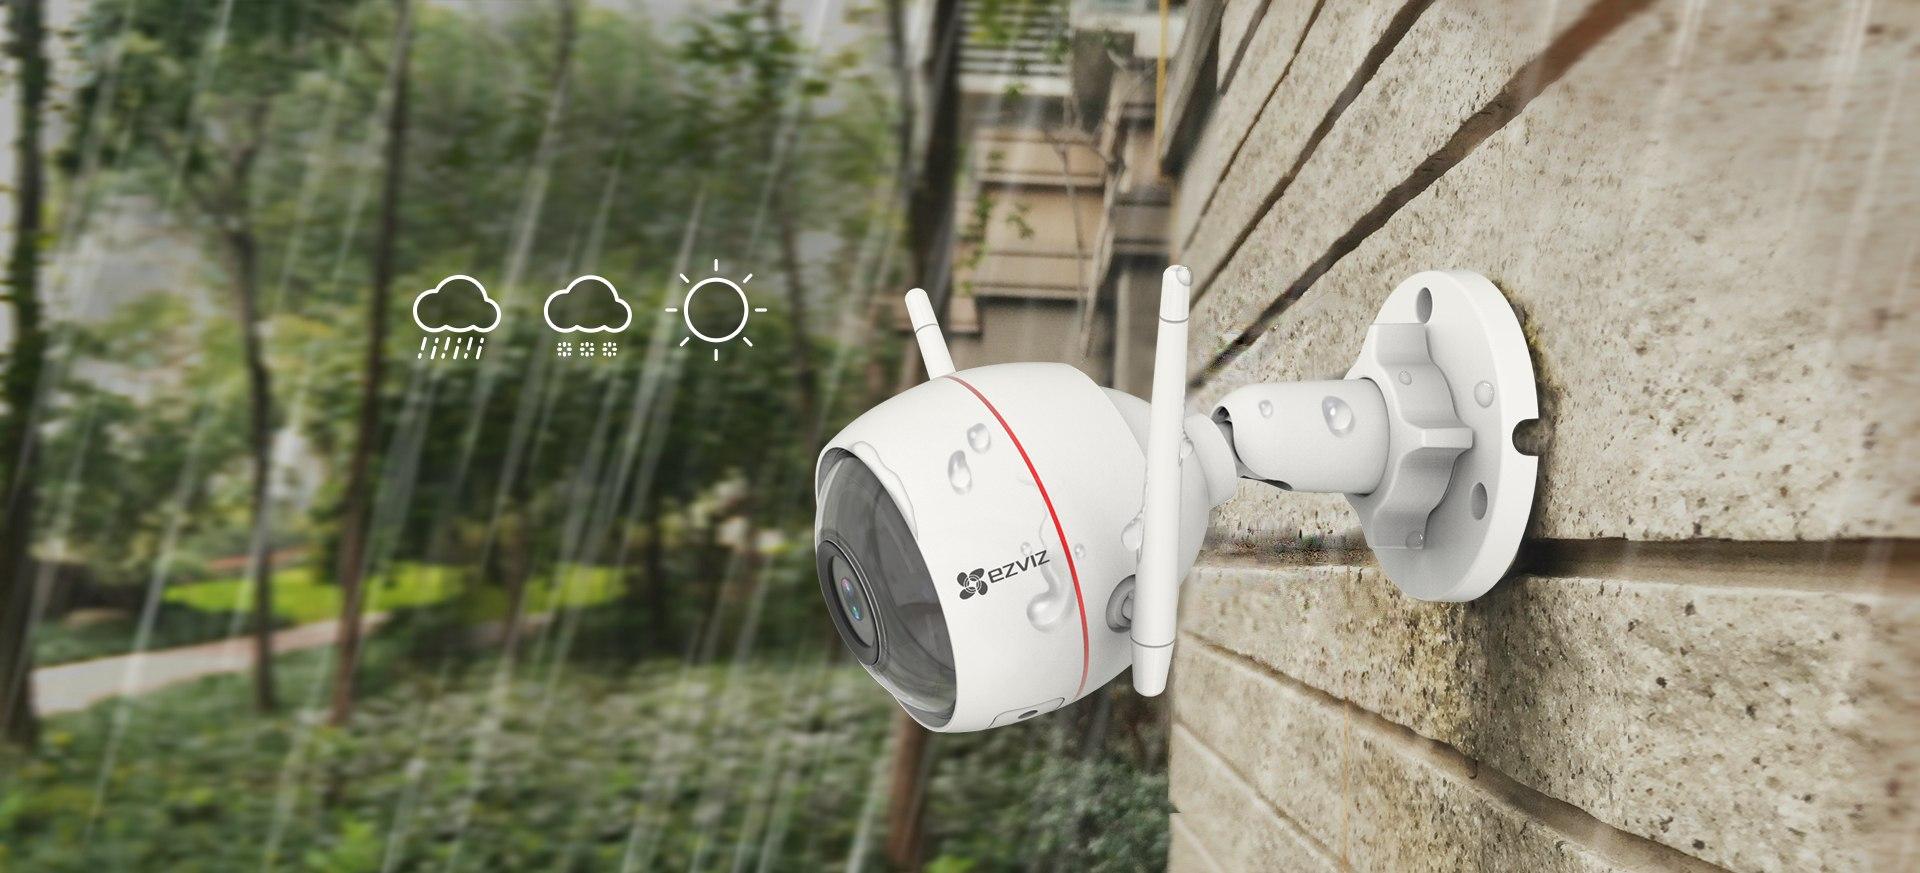 Camera EZVIZ C3W 1080P hỗ trợ chống nước IP66